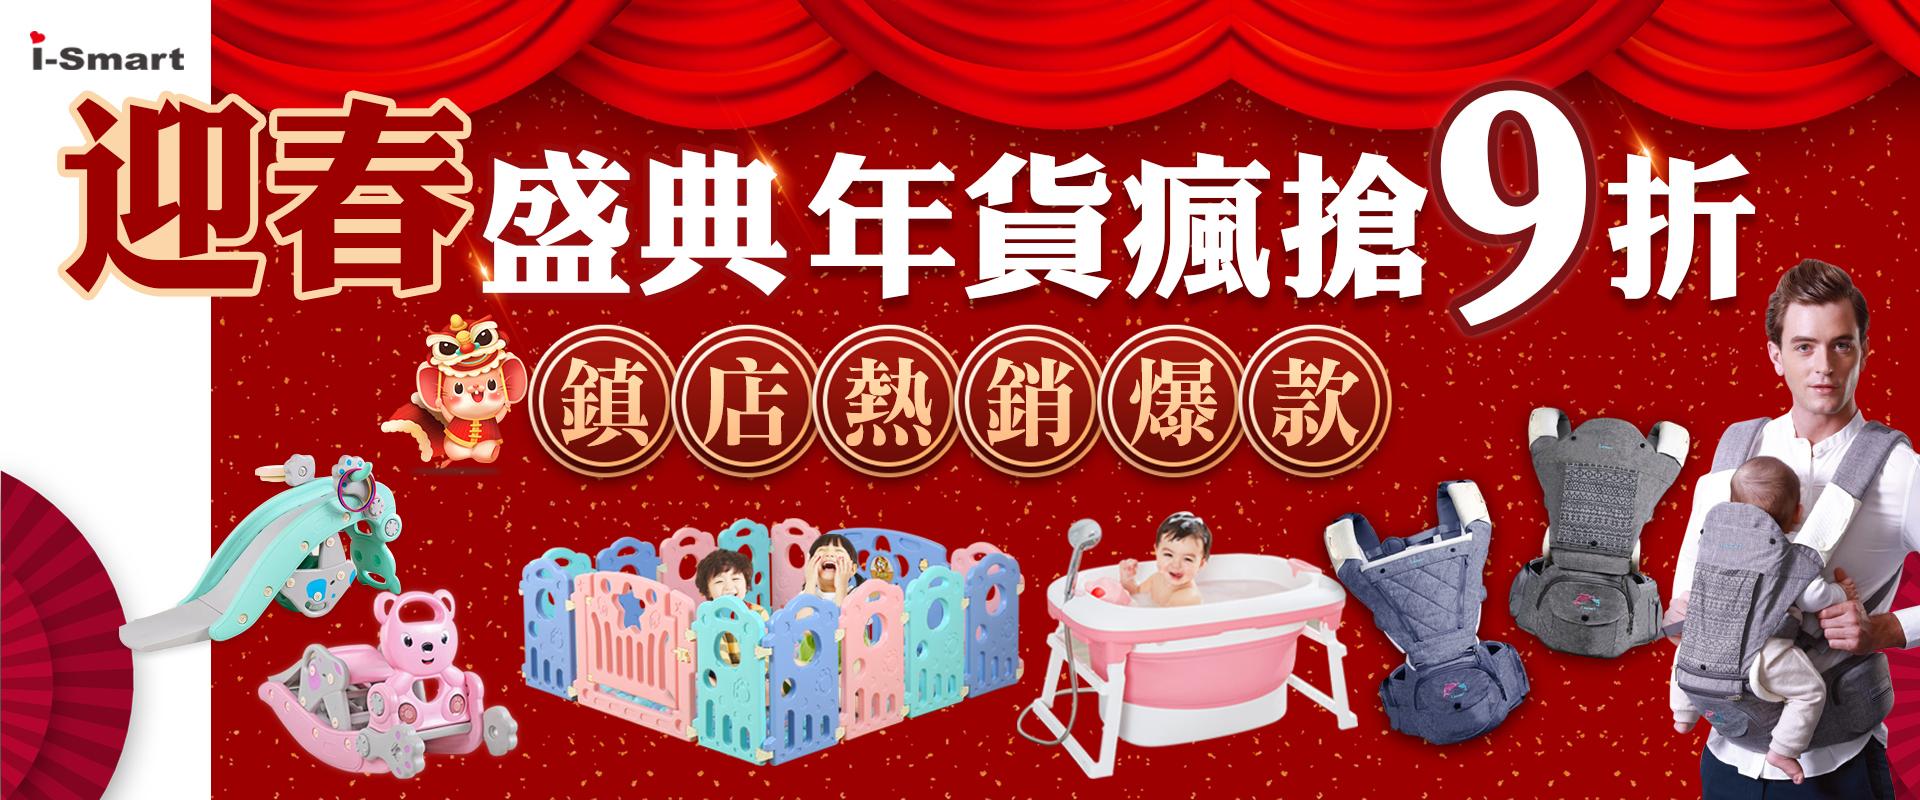 新春,遊戲床,圍欄,神桶,搖馬,背巾